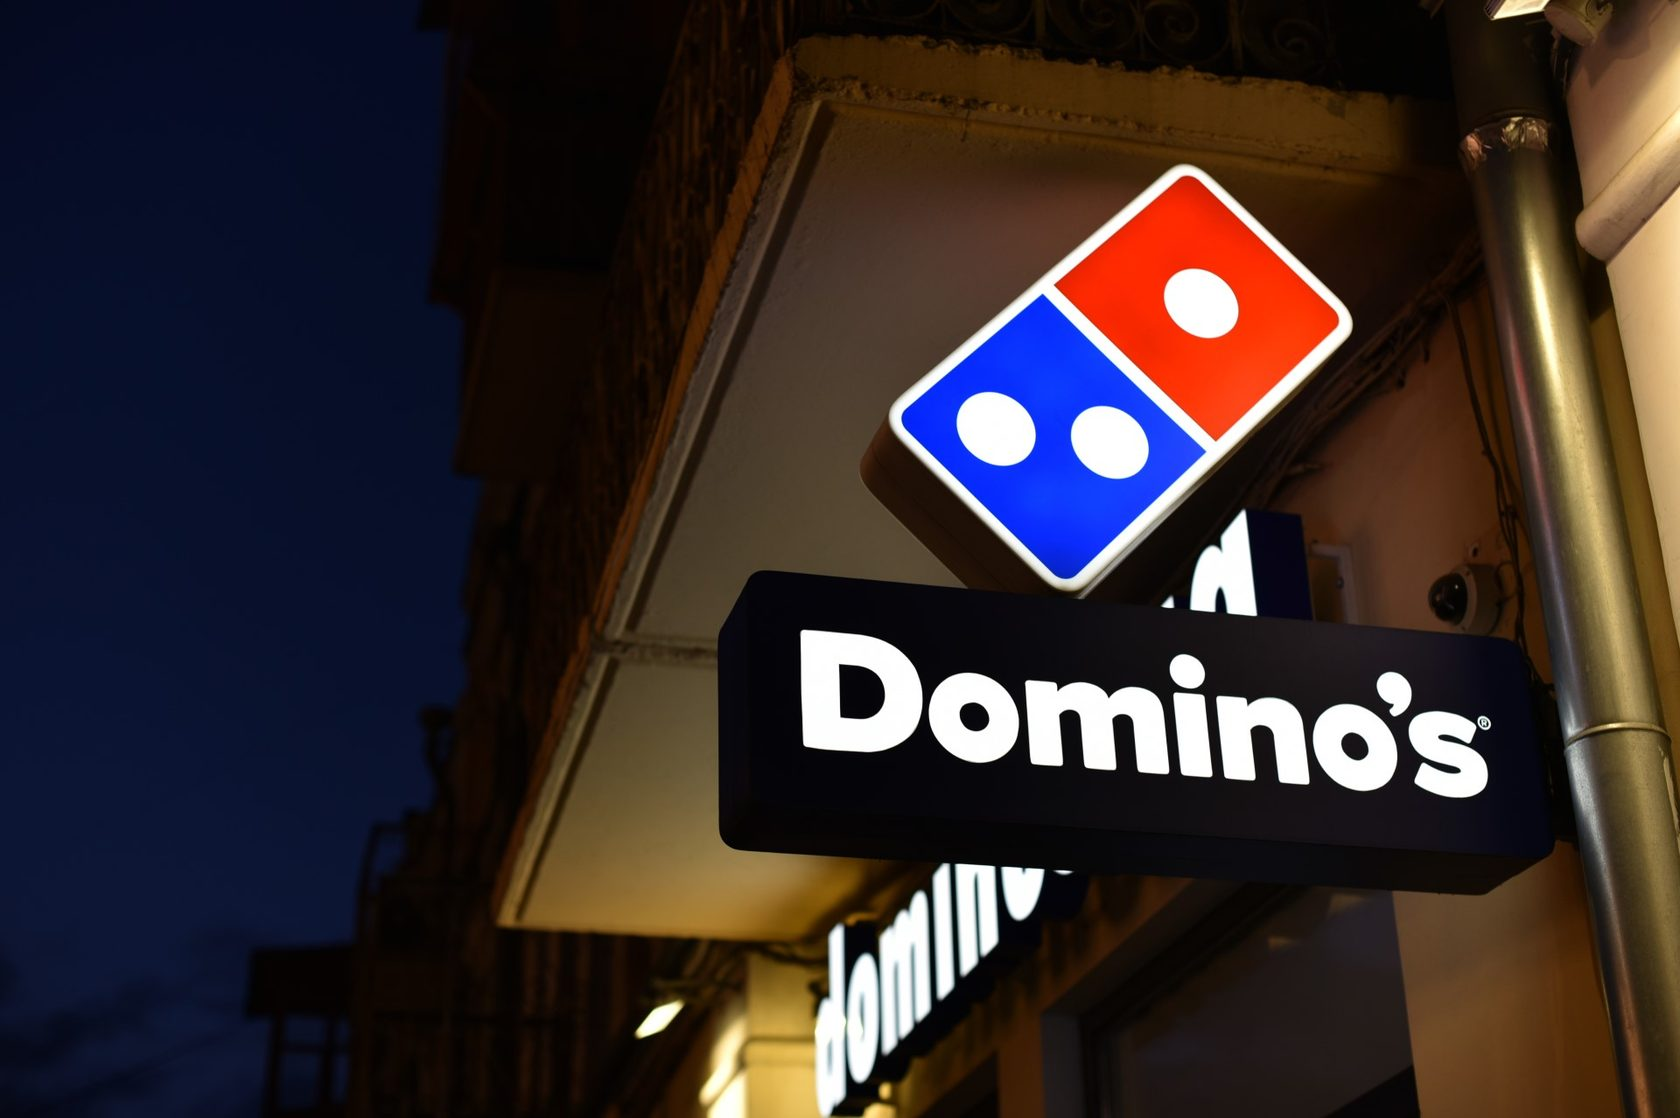 Domino's Pizza подписала соглашение с киберспортивной организацией G2 Esports